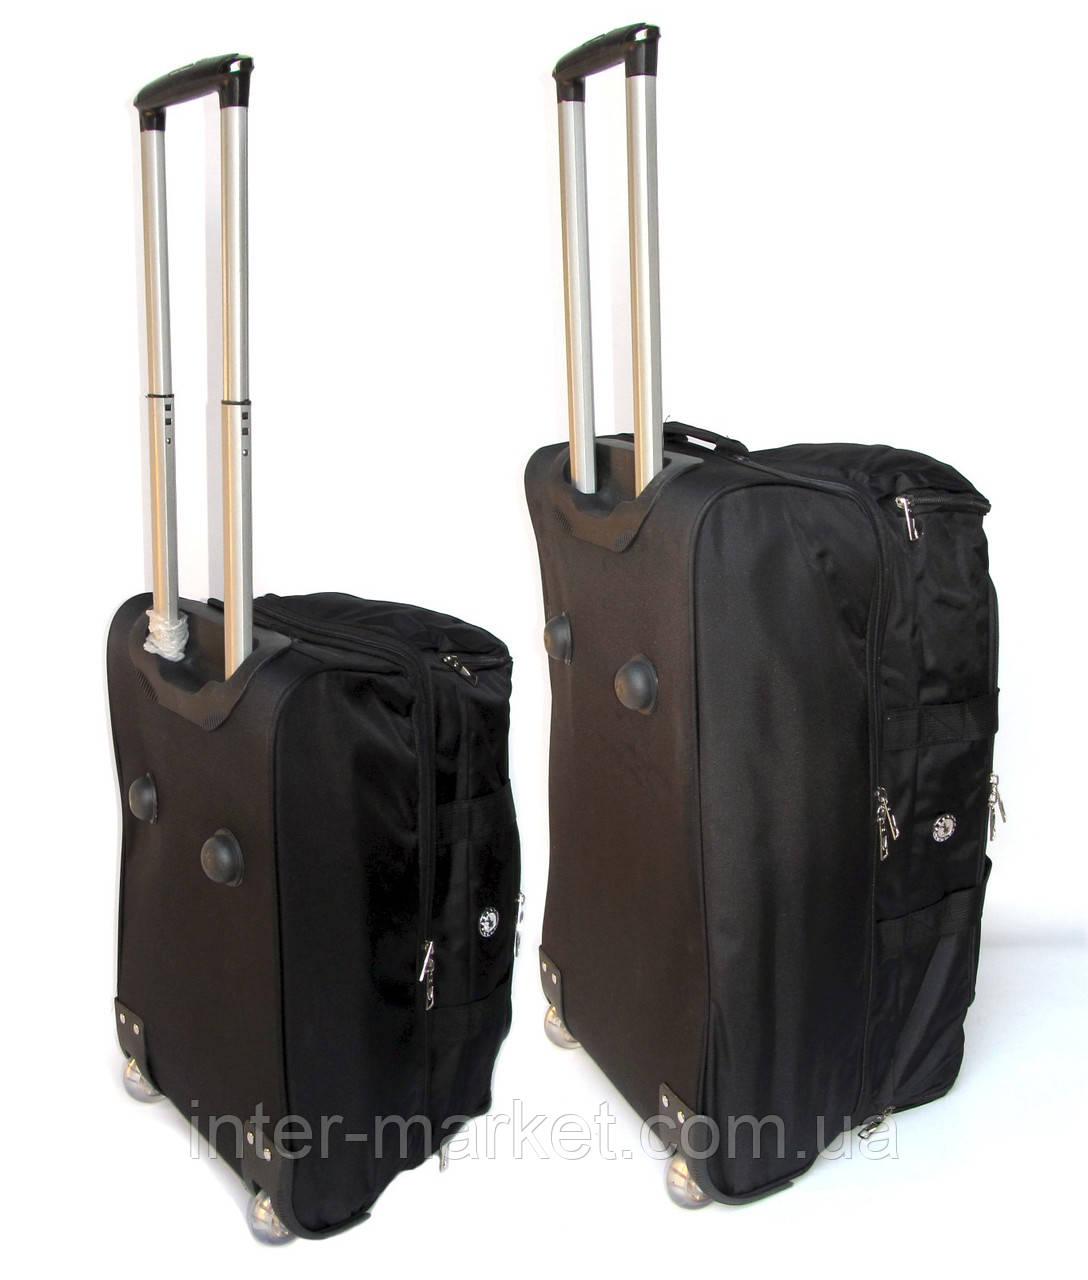 Комплект сумок на колесах (60+50 см) 2 в 1 коричневый, фото 1